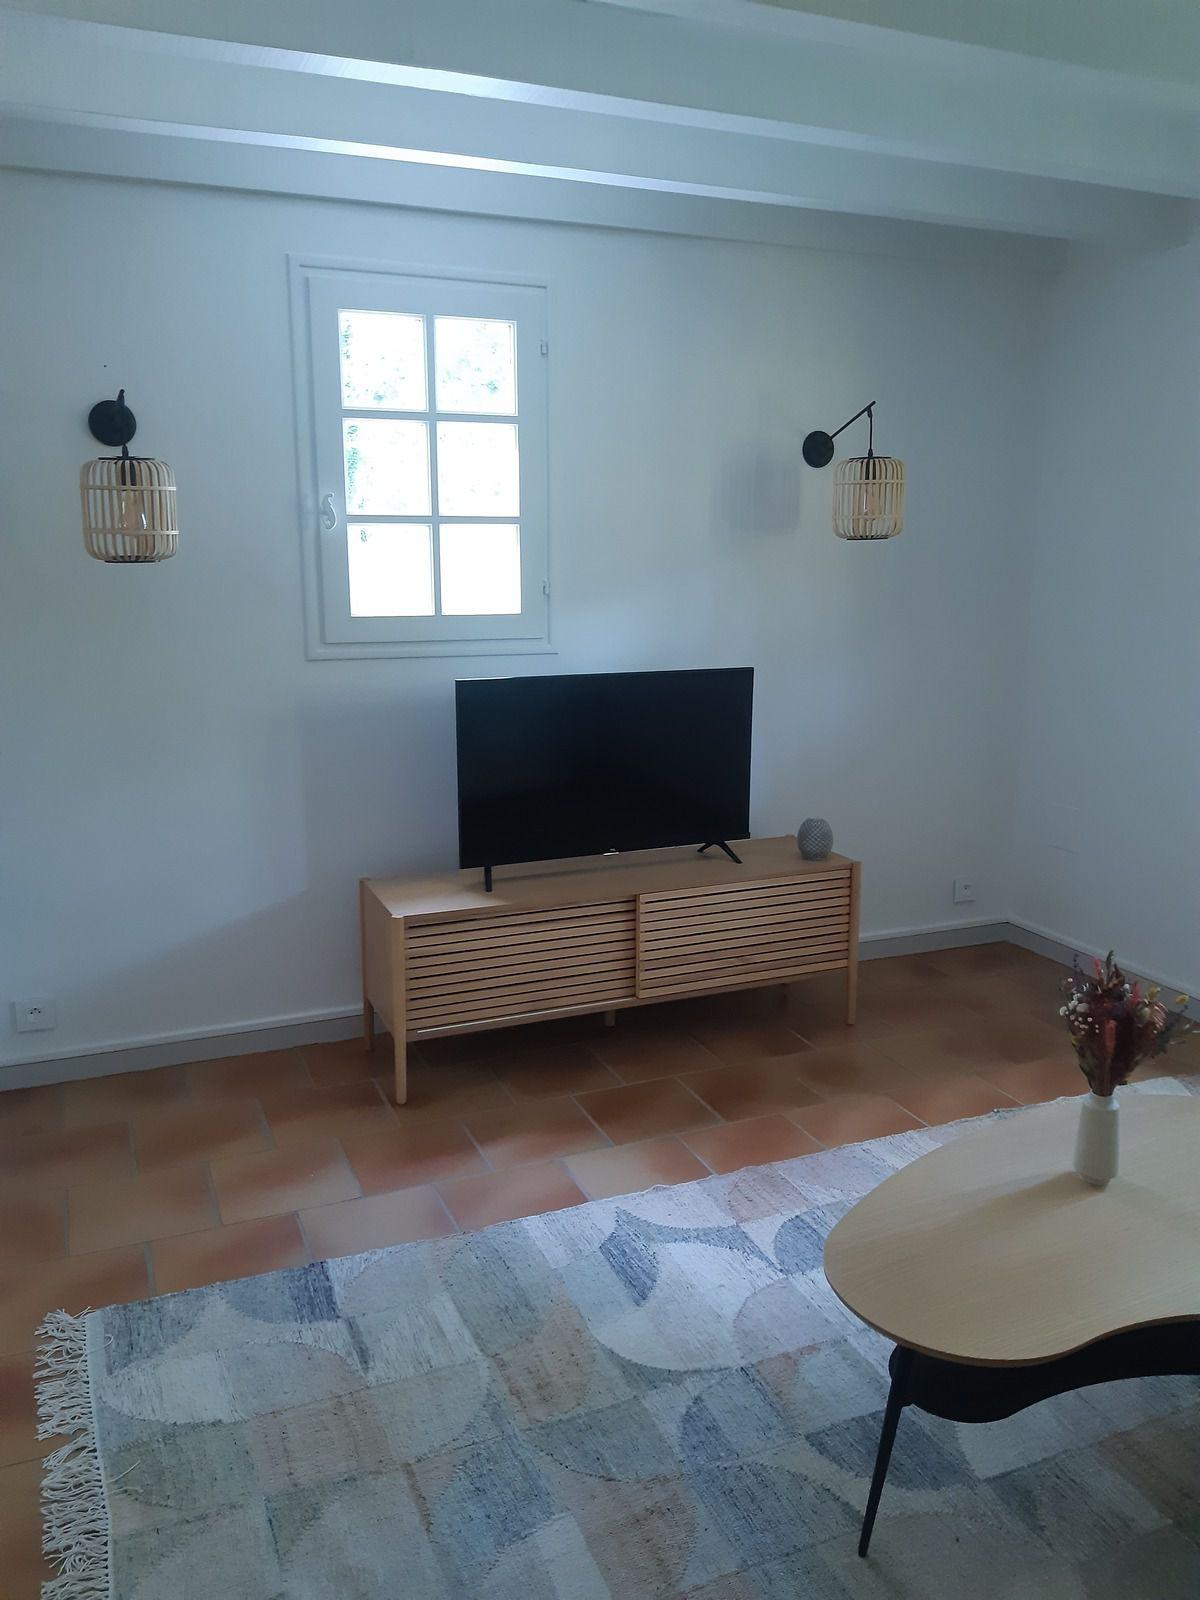 Maison landaise, rénovation bientôt terminée,aménagement en cours...